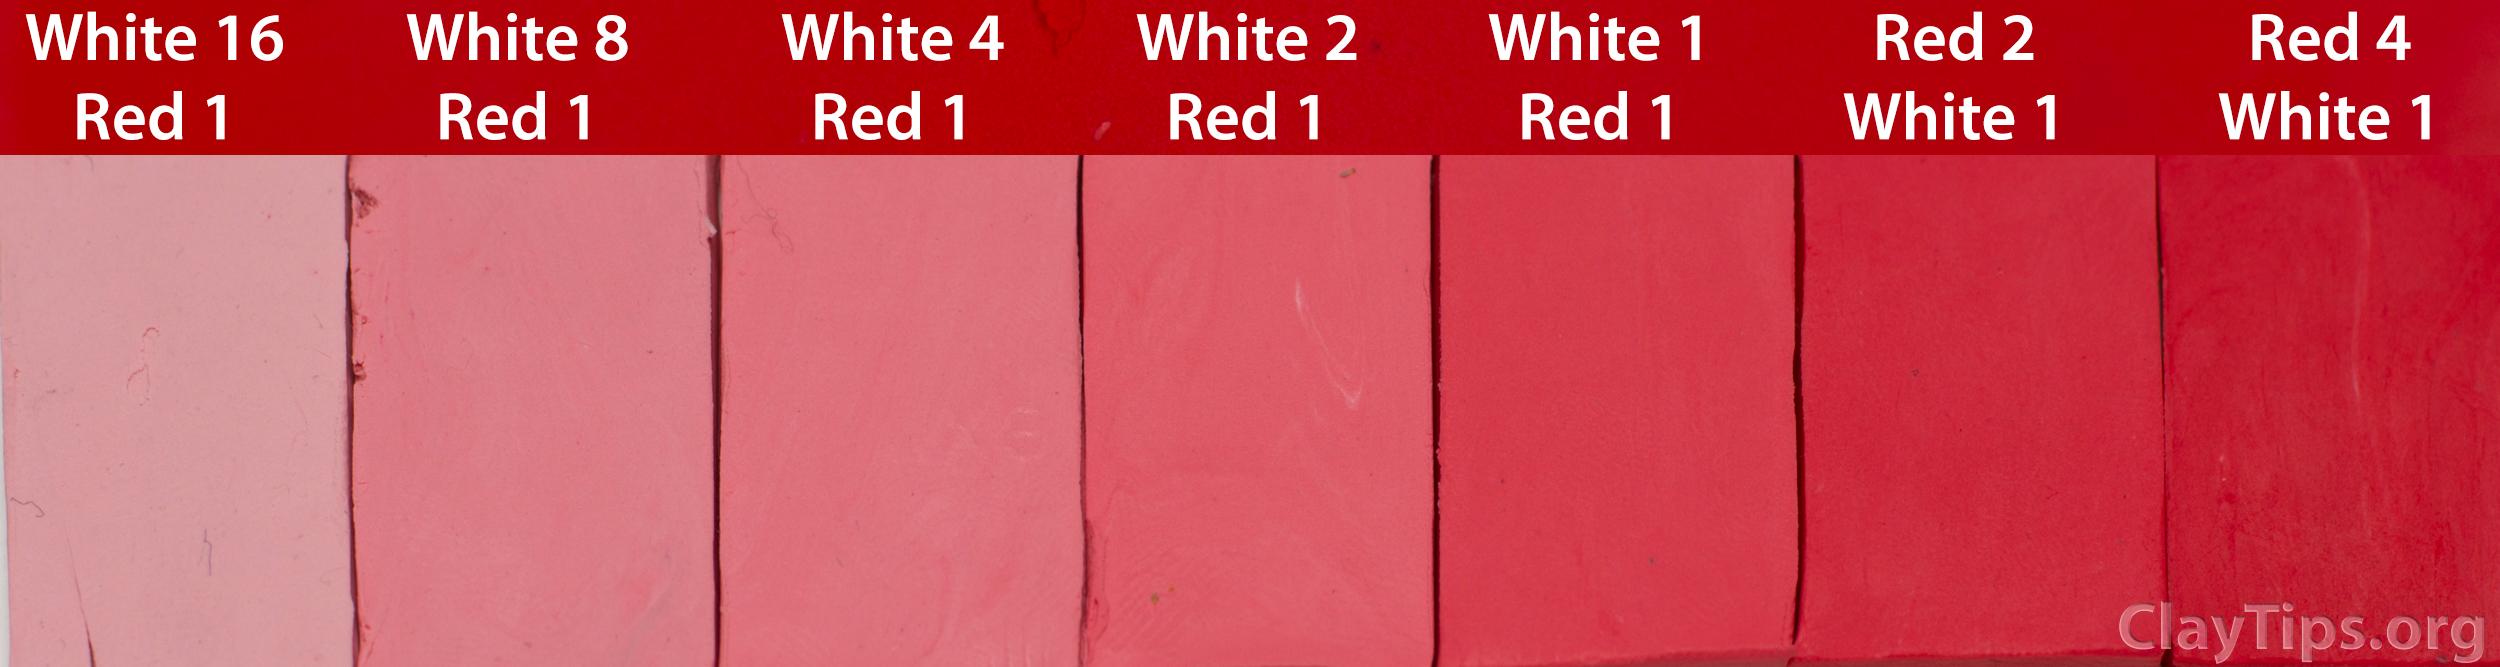 Red and White Plasticine